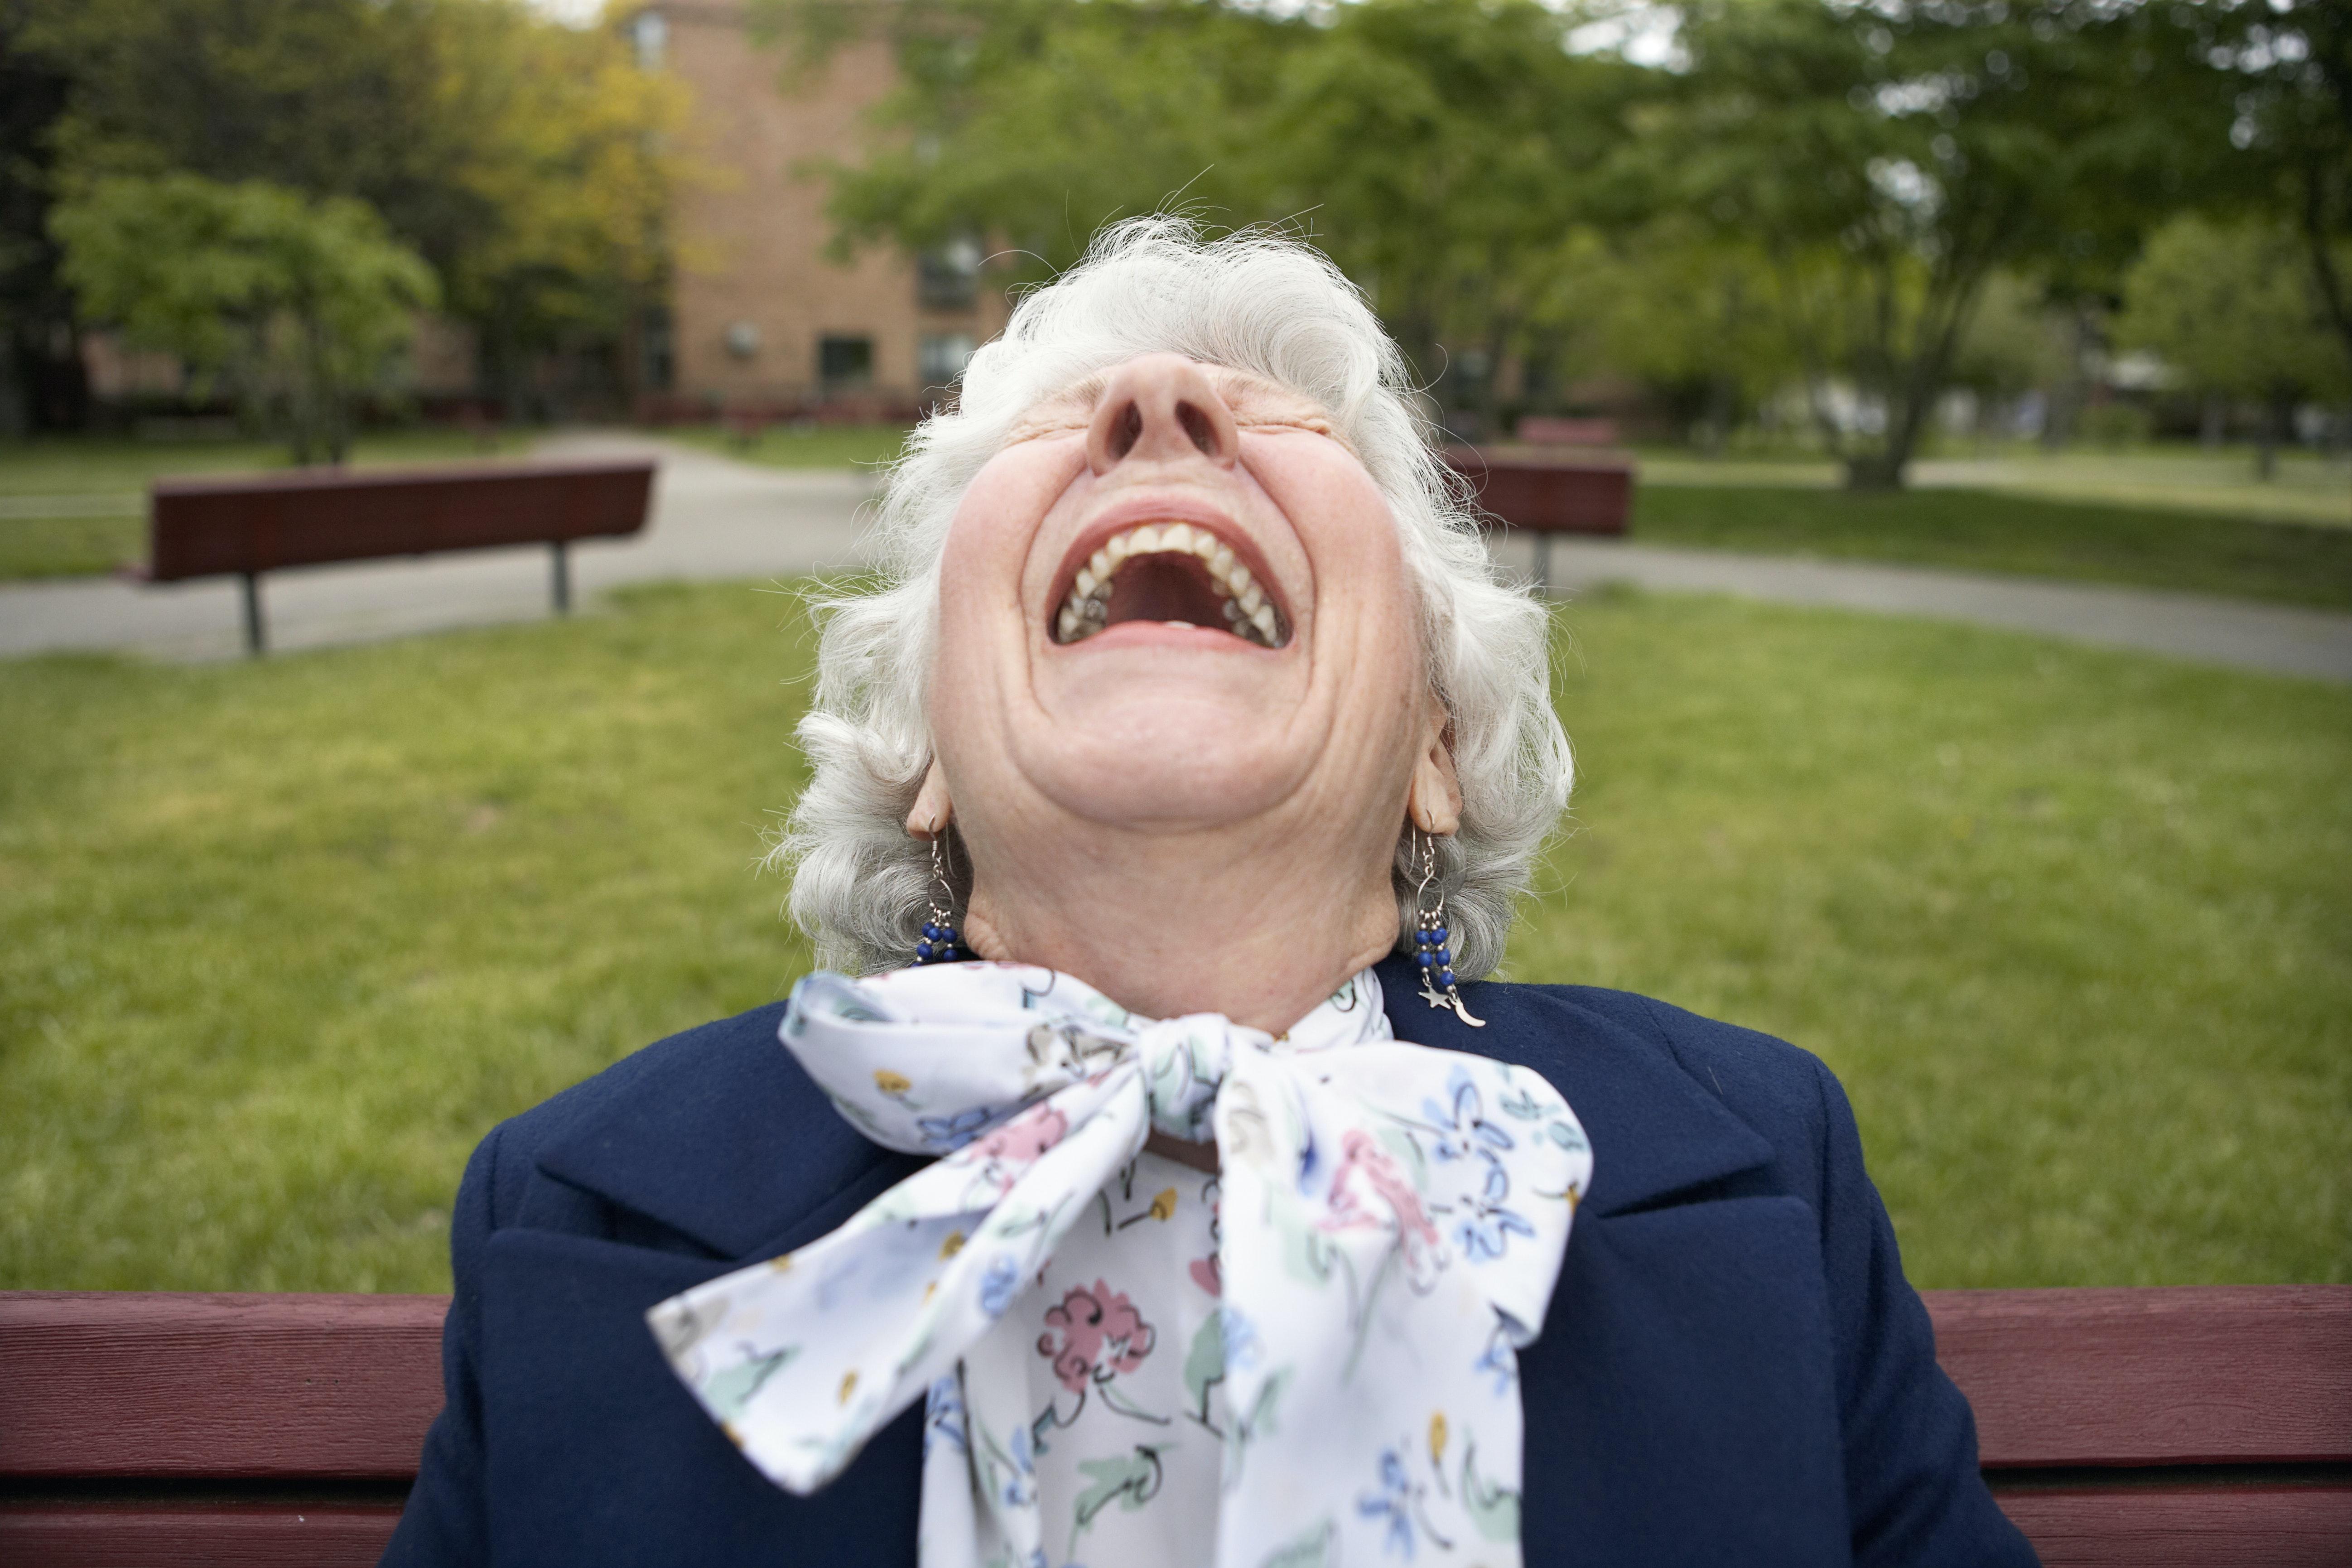 Rir é bom para sua mente e seu corpo - aqui está o que a pesquisa mostra